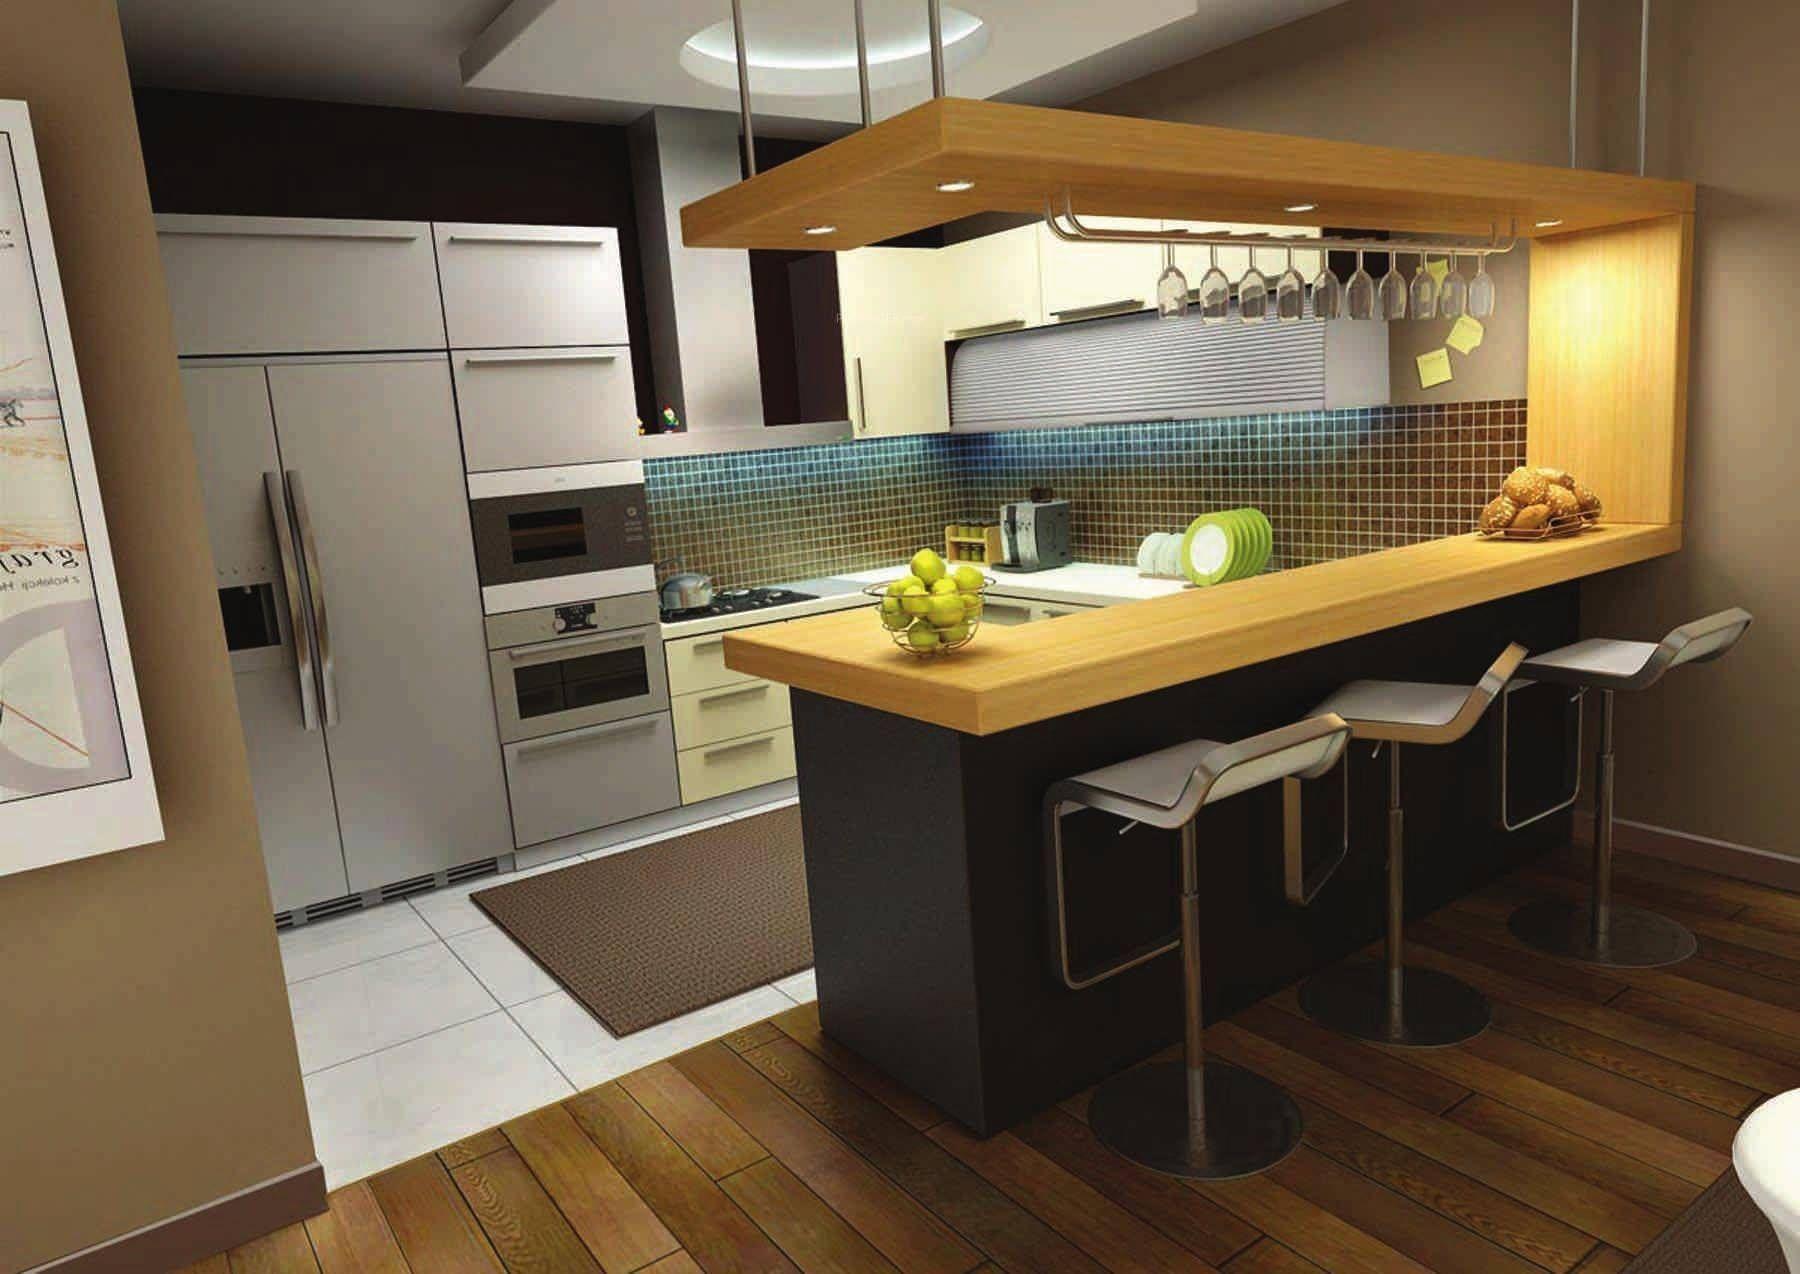 Full Size of Küche Günstig Dortmund Nobilia Küche Billig Küche Mit Geräten Billig Kaufen Küche Billig Kaufen Küche Küche Billig